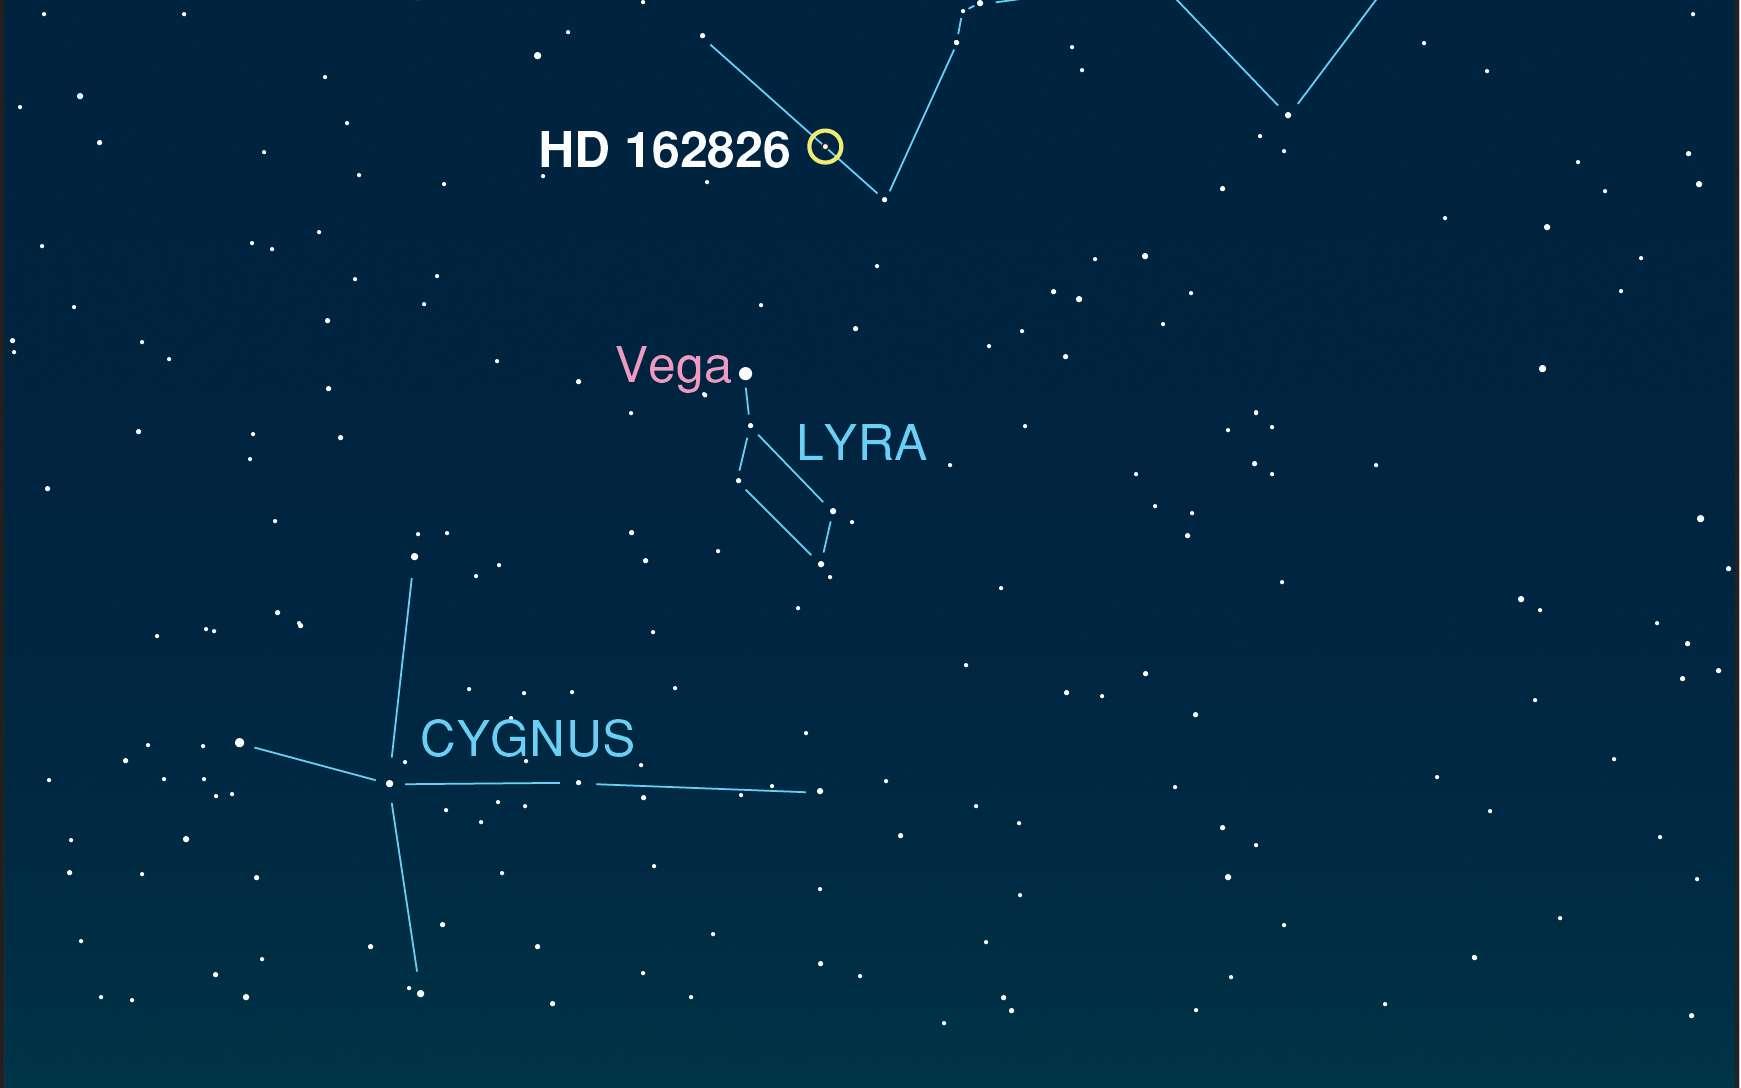 Décrite comme étant 15 % plus massive que le Soleil, HD 162826 est vraisemblablement née dans le même nuage moléculaire que notre étoile voilà plus de 4,5 milliards d'années. Une sœur distante de 110 années-lumière seulement, parfaitement visible (au foyer d'une paire de jumelles) dans la constellation d'Hercule, non loin de Véga. À l'orée de l'été, elle culmine dans le ciel en début de nuit. © Observatoire McDonald